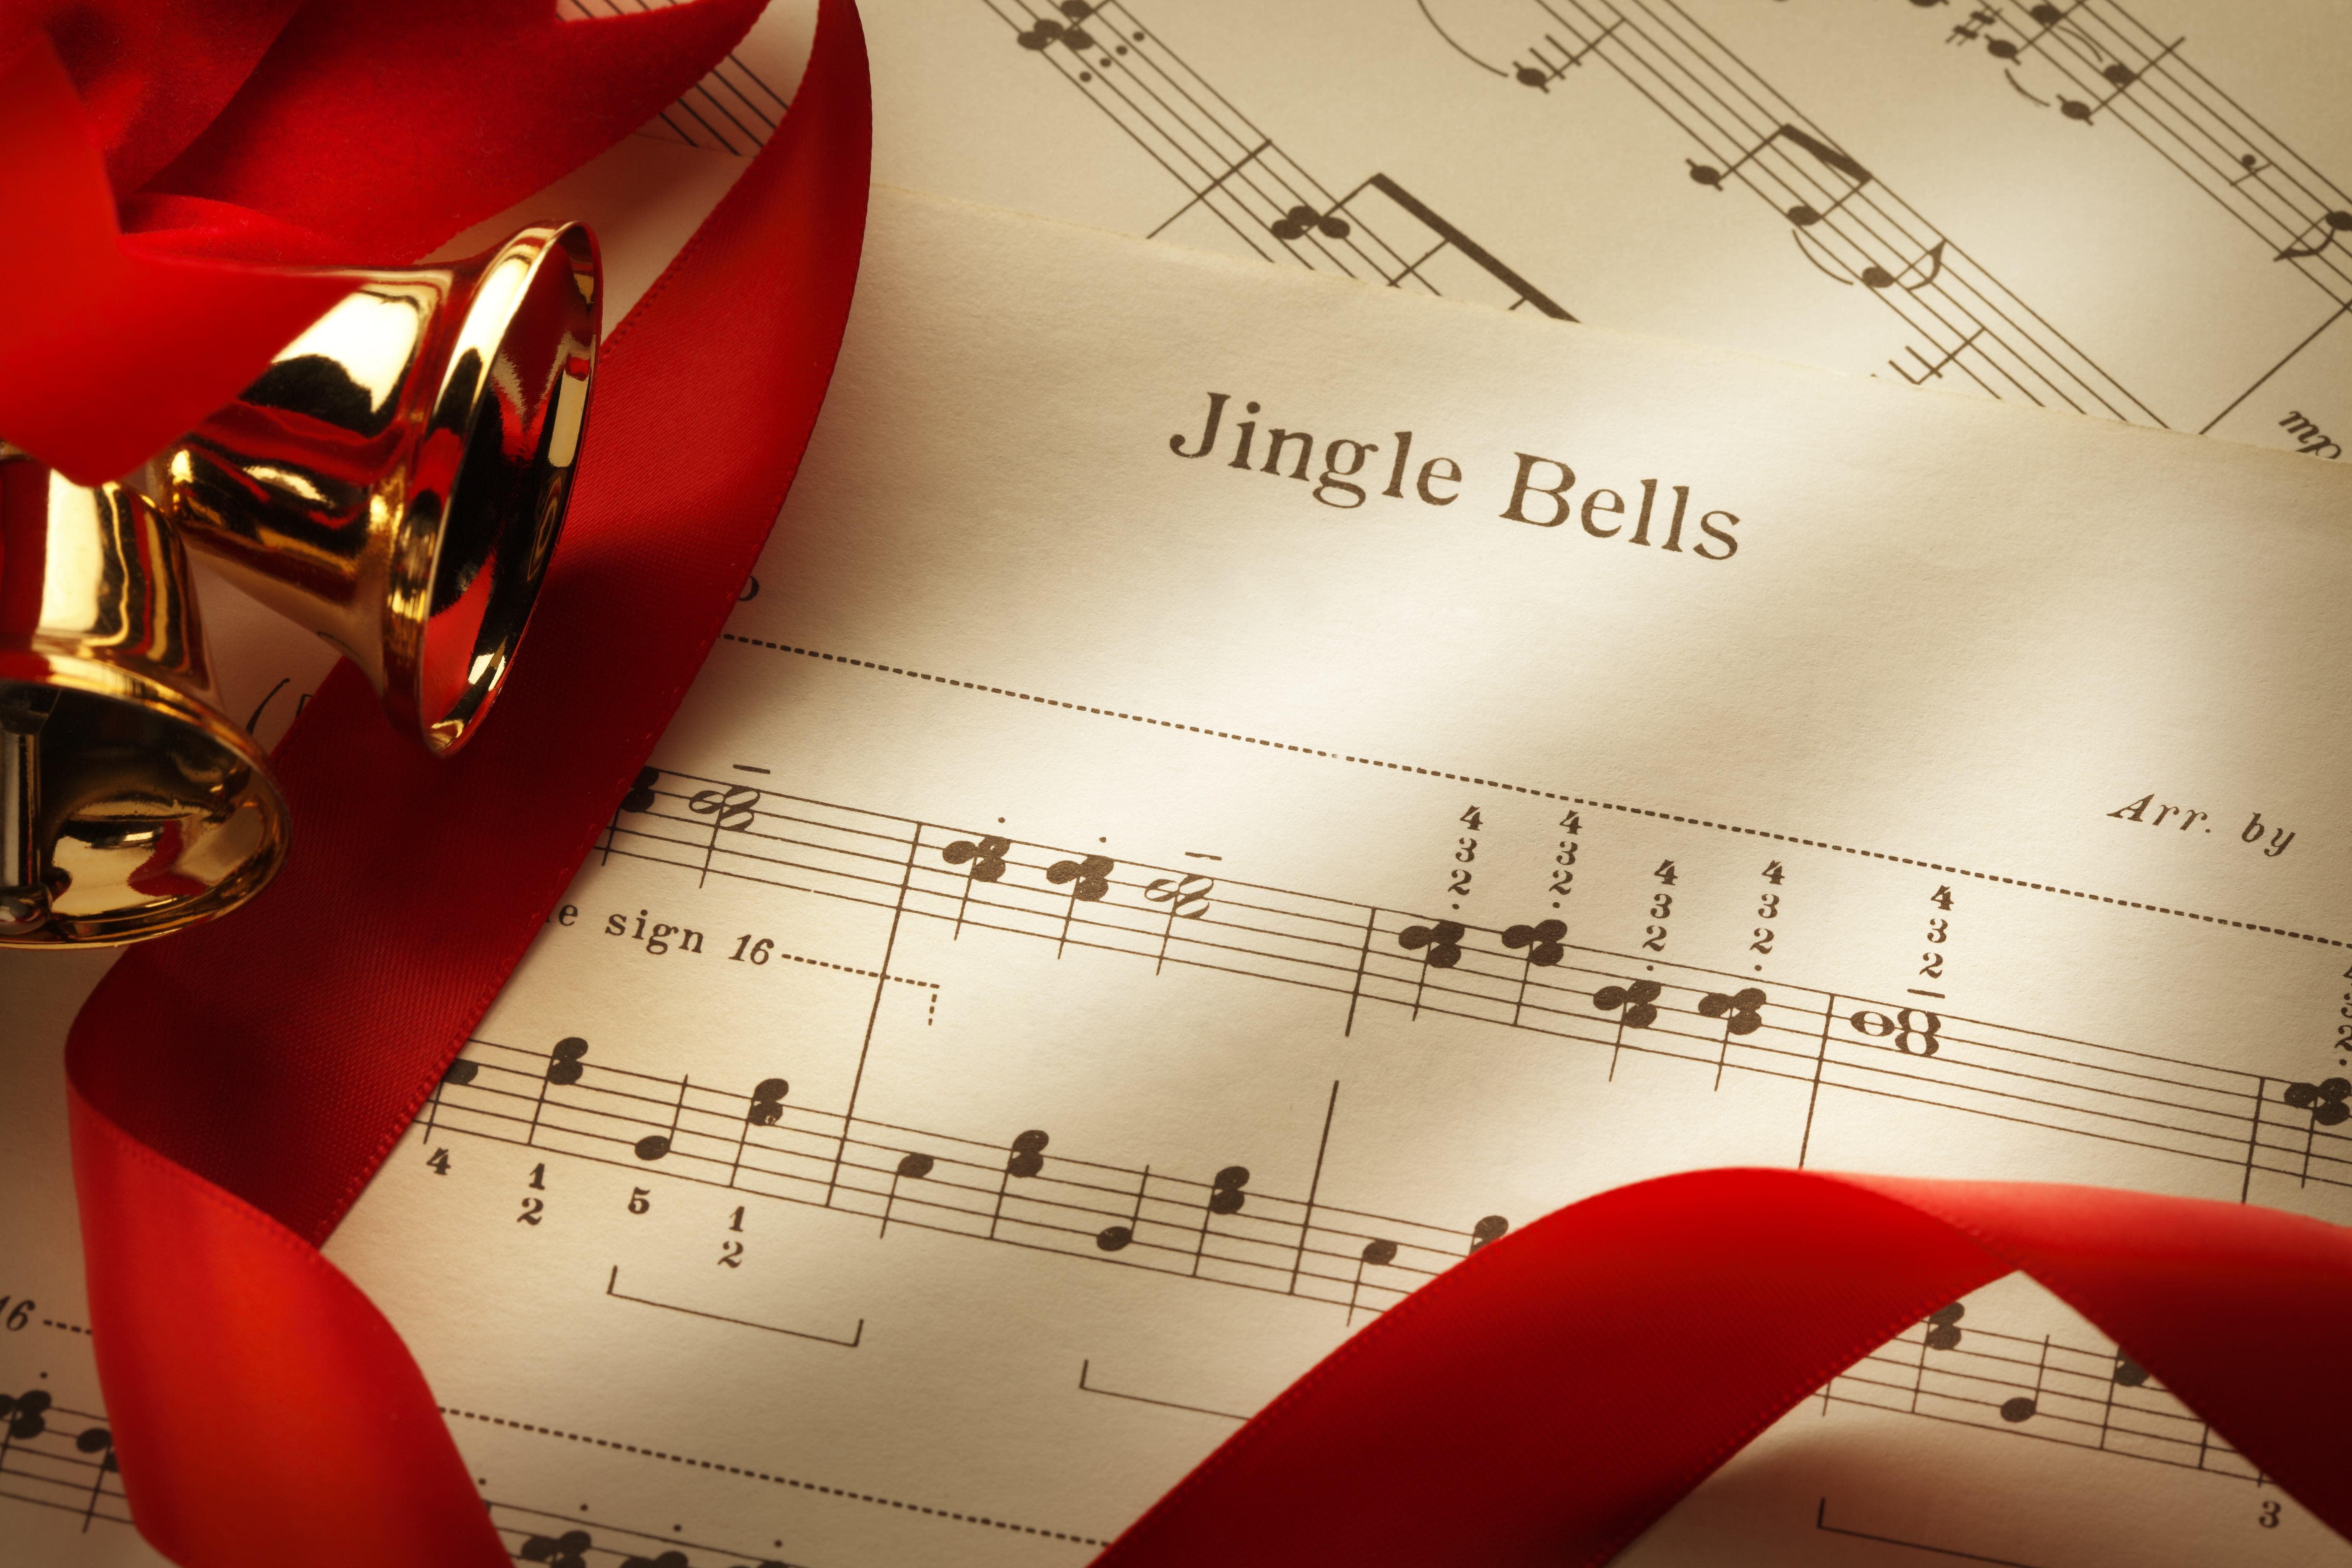 Weihnachtsmusik ist schlecht fürs Gehirn